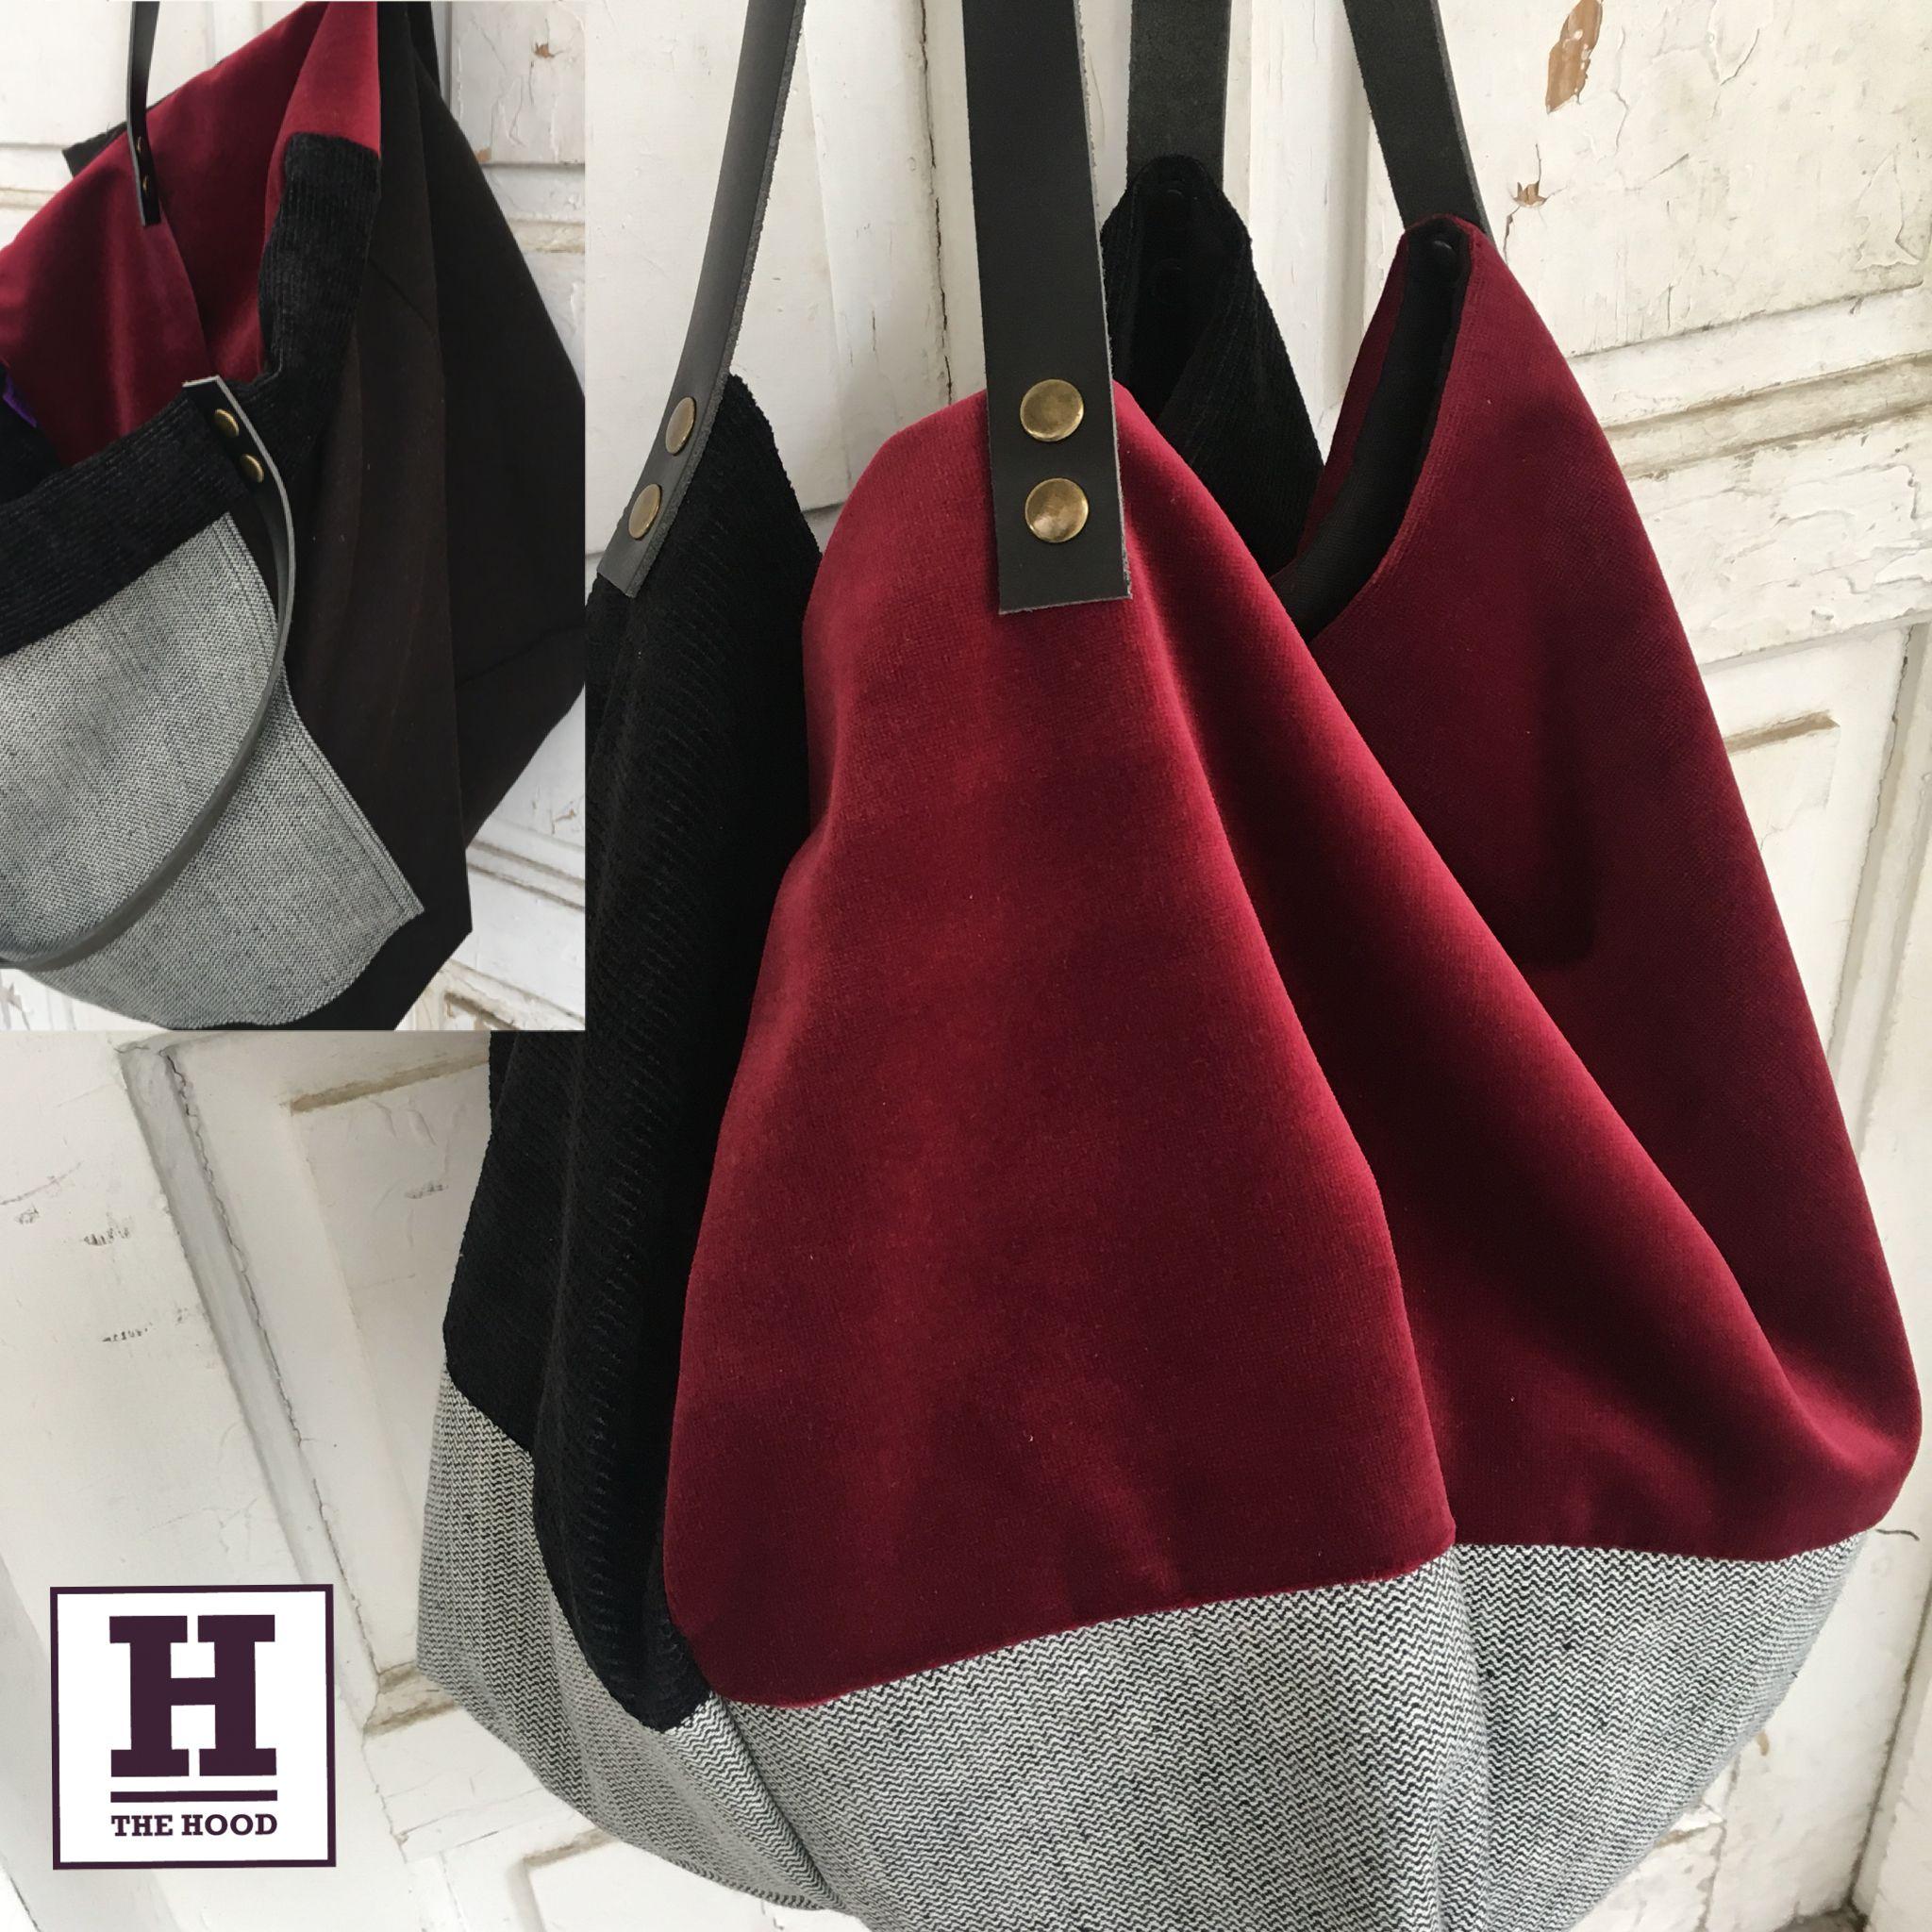 informazioni per f83ee 2b82a Pin di The Hood su Bags | Borse in tessuto, Borse da cucire ...